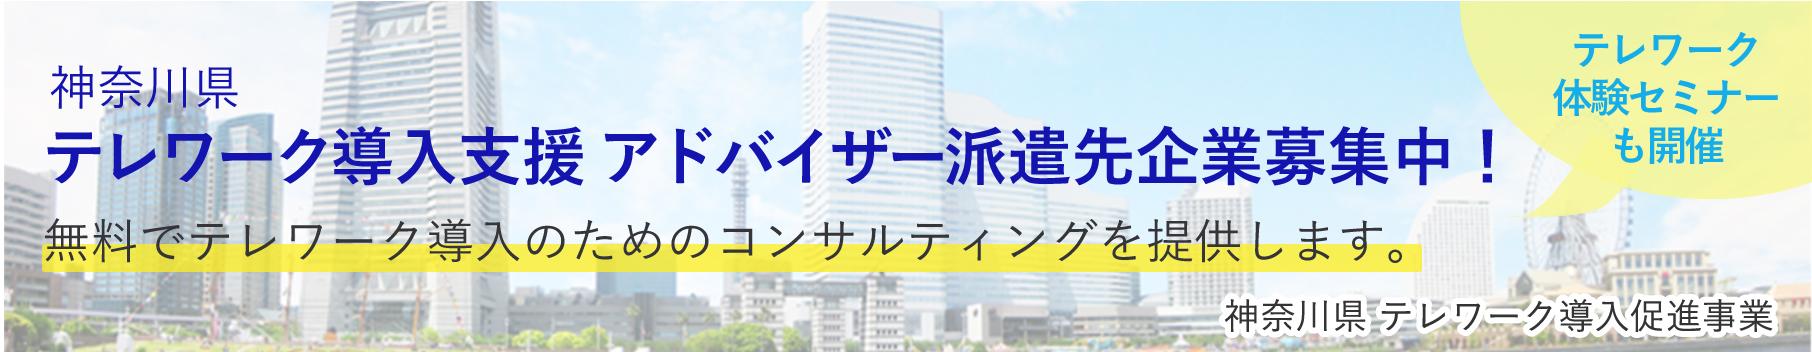 神奈川県テレワーク導入支援アドバイザー派遣先企業募集中!